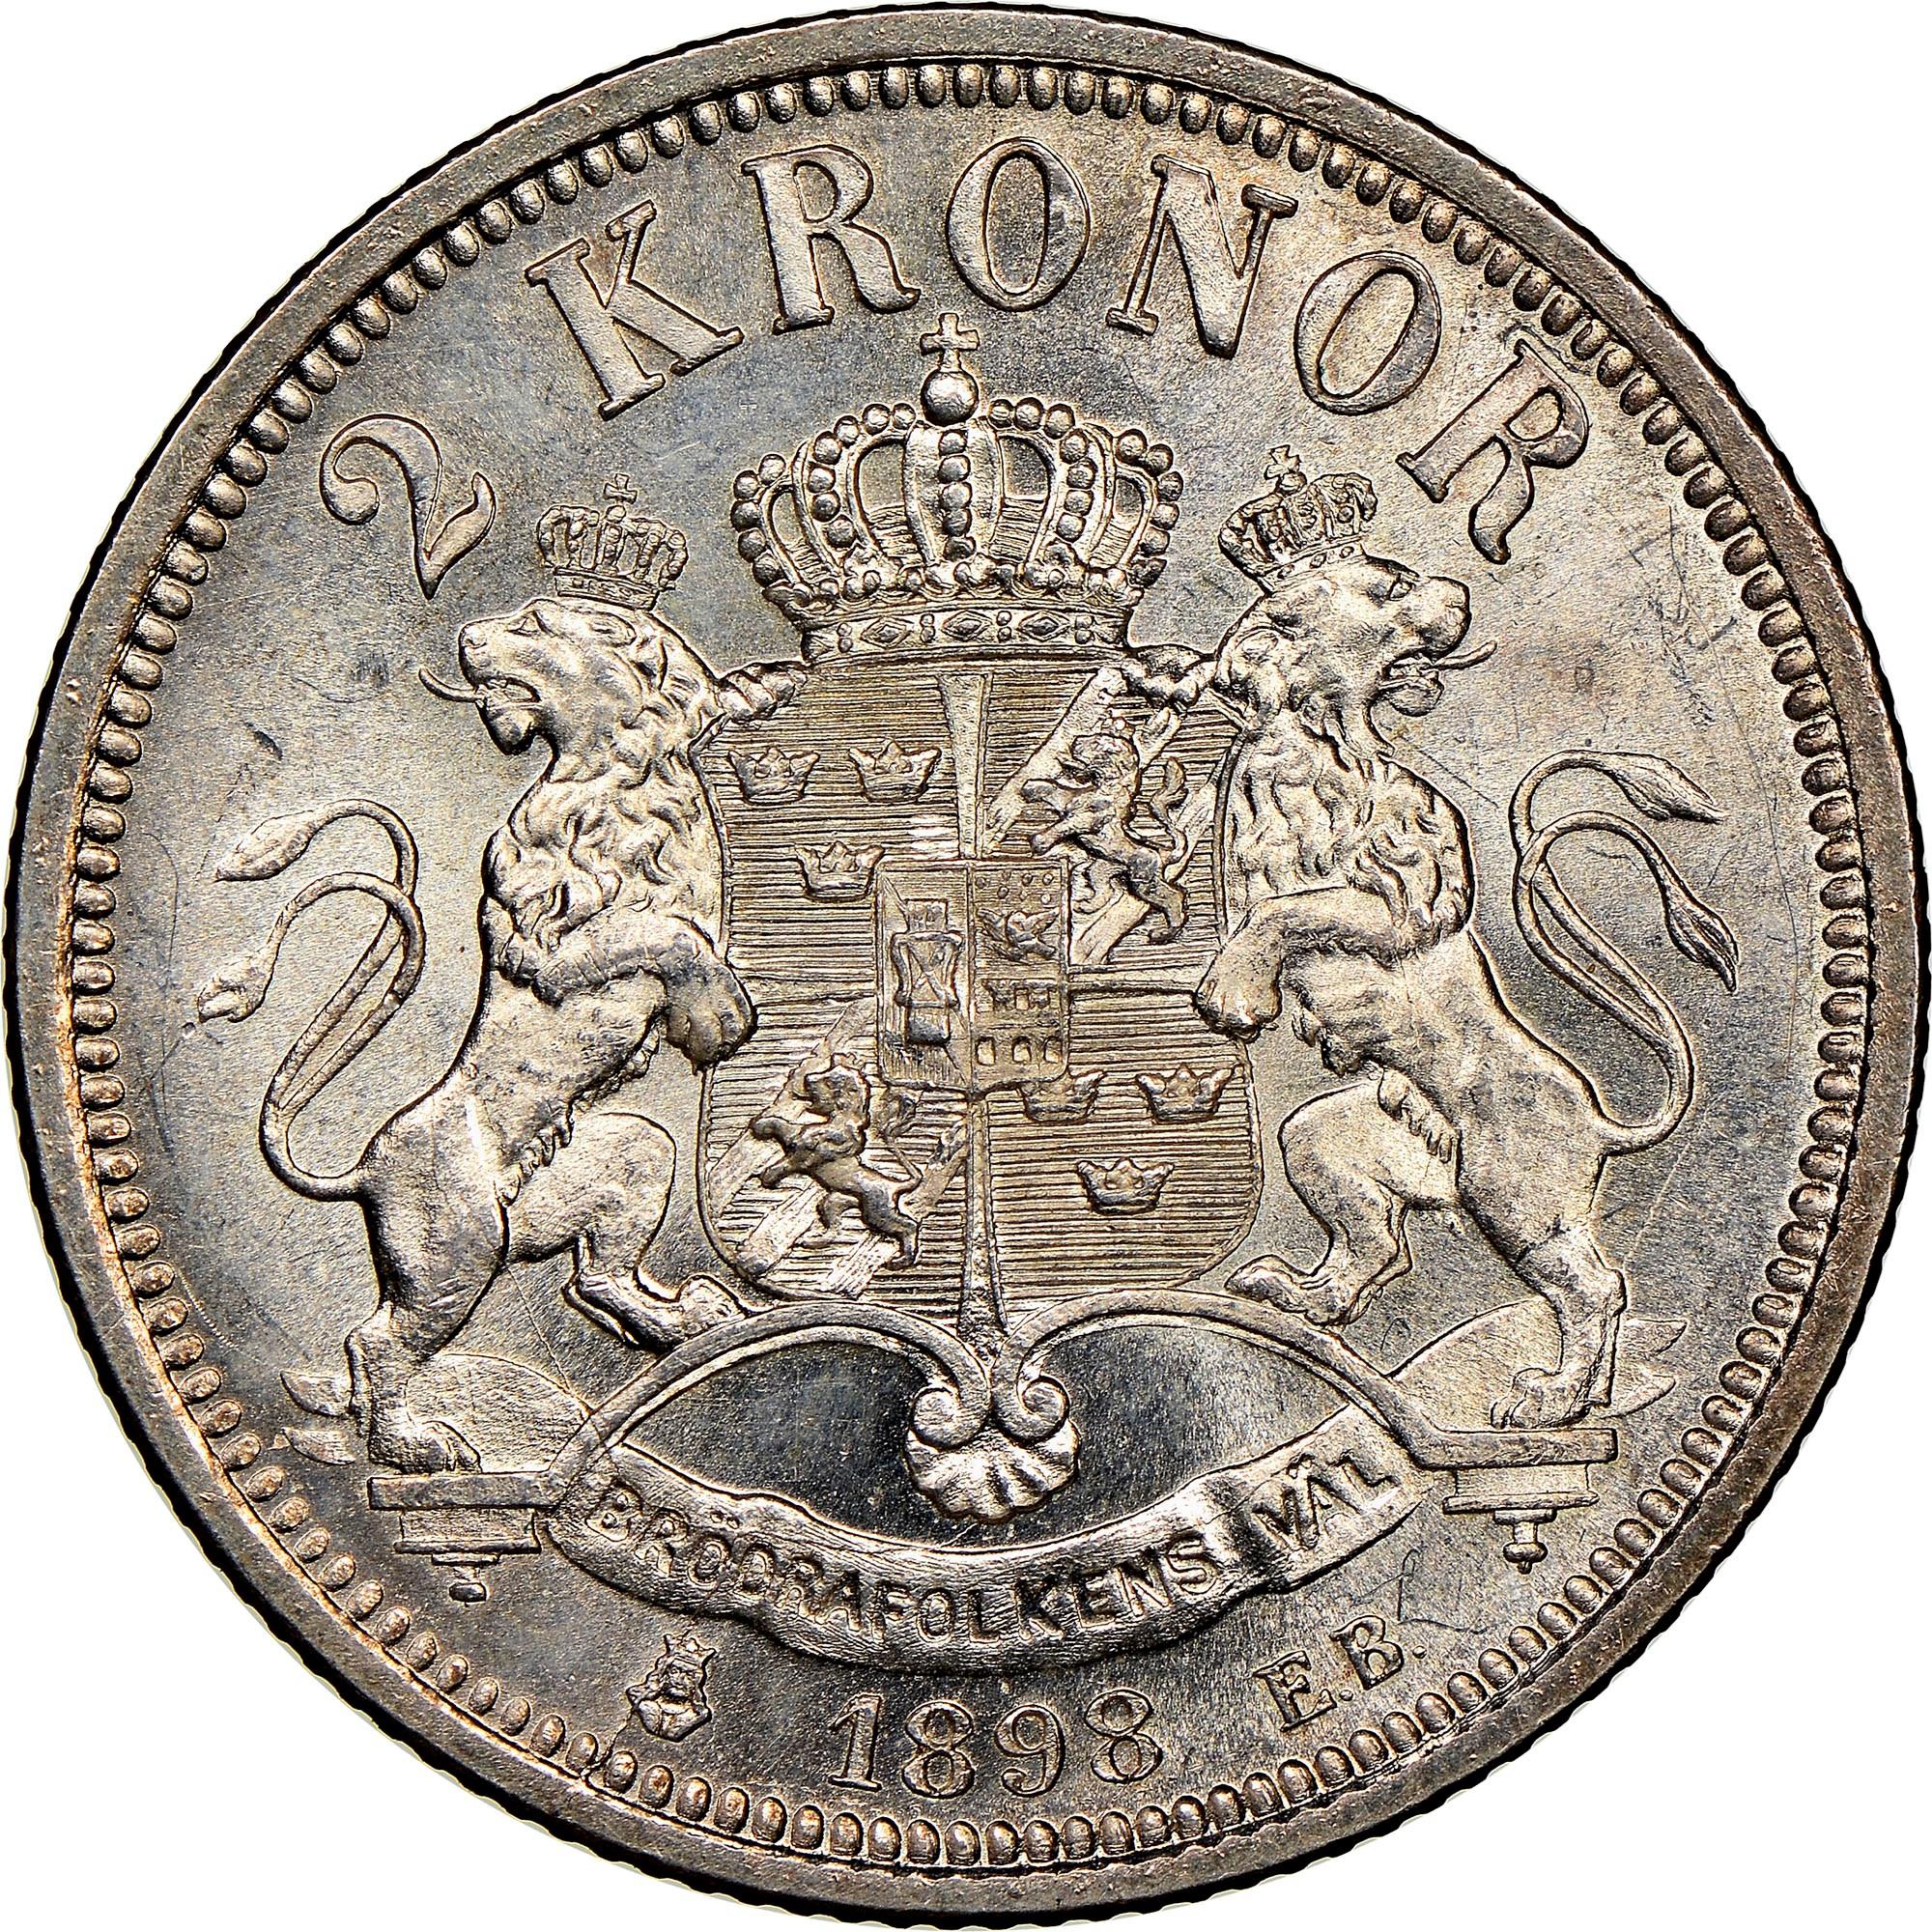 Sweden Krona reverse